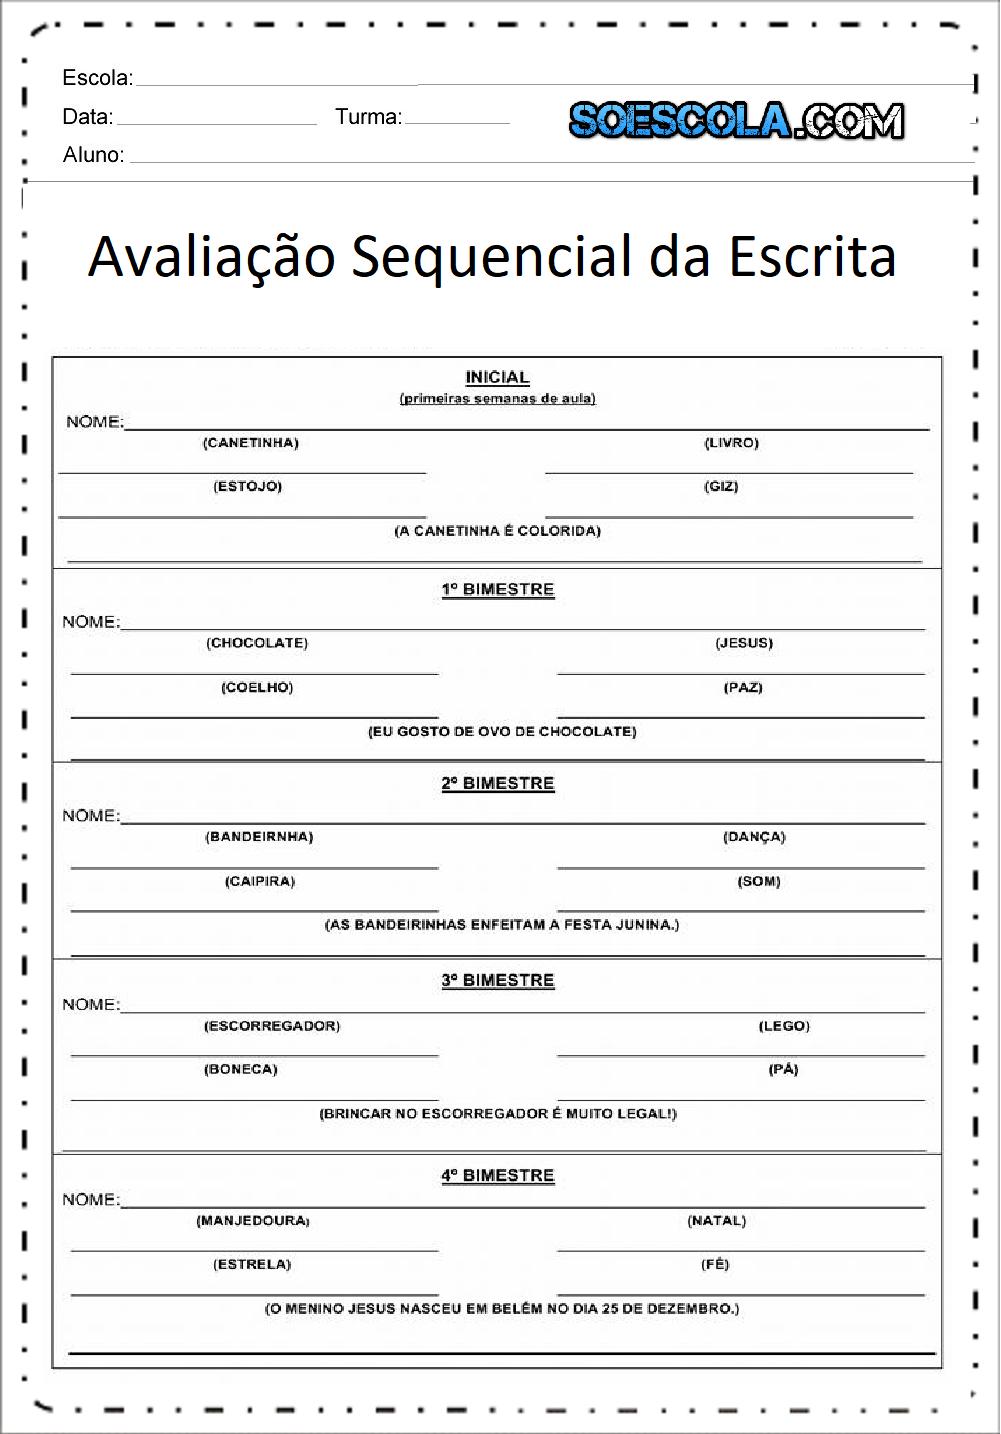 Avaliação Sequencial da Escrita - Para imprimir